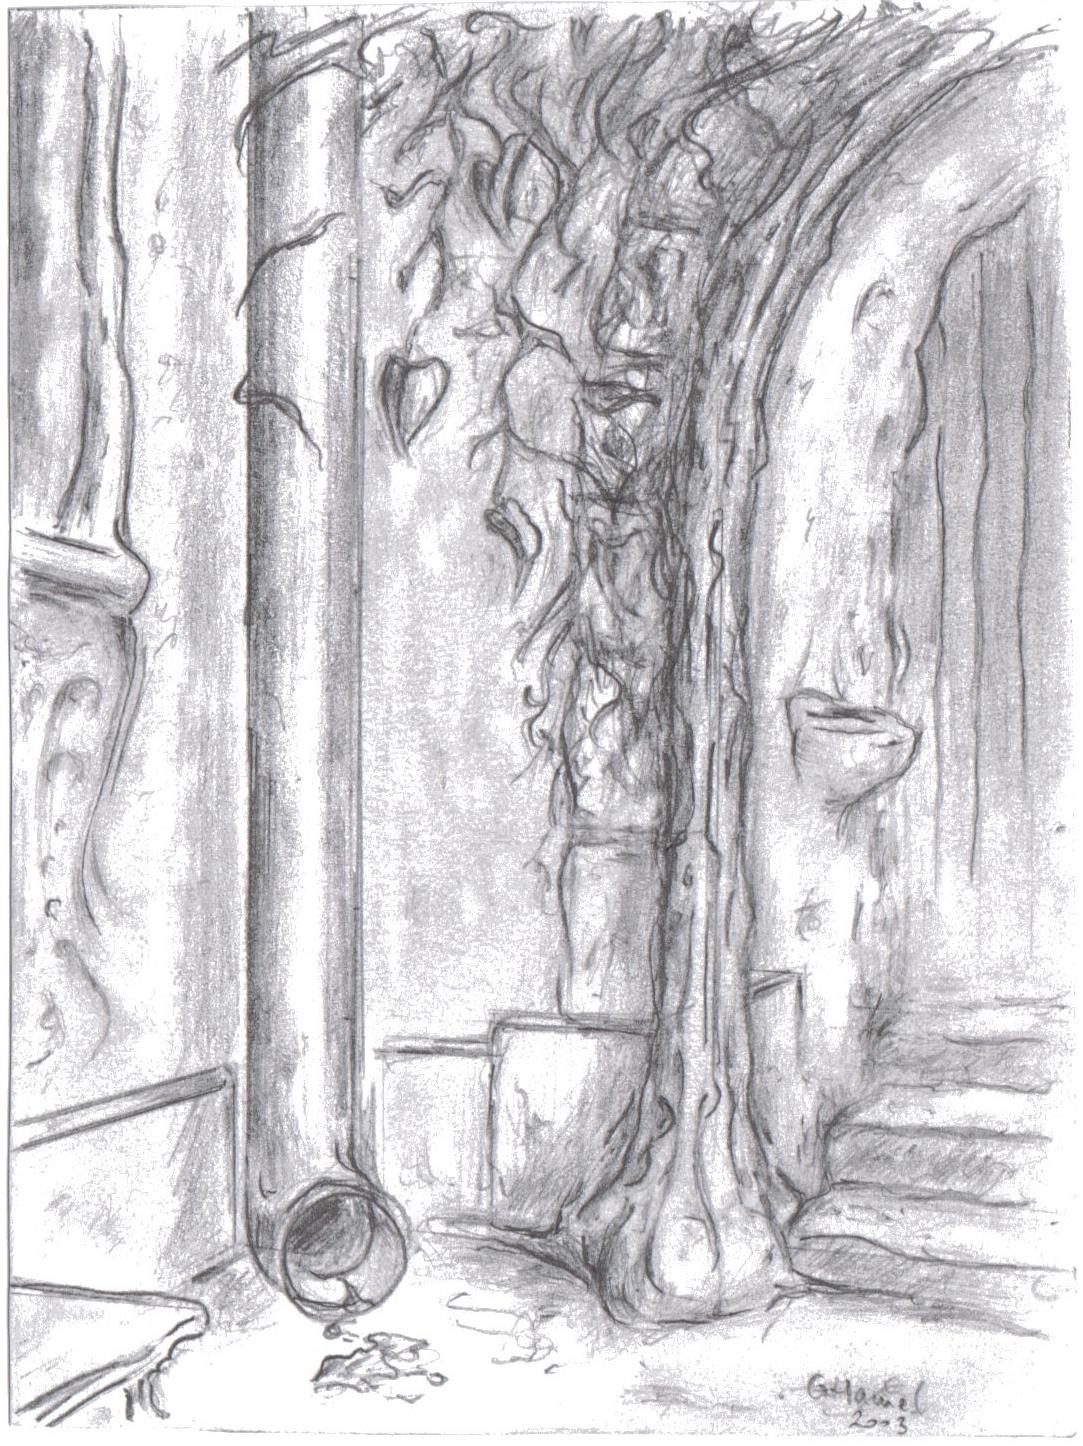 Depiction of Rivendel